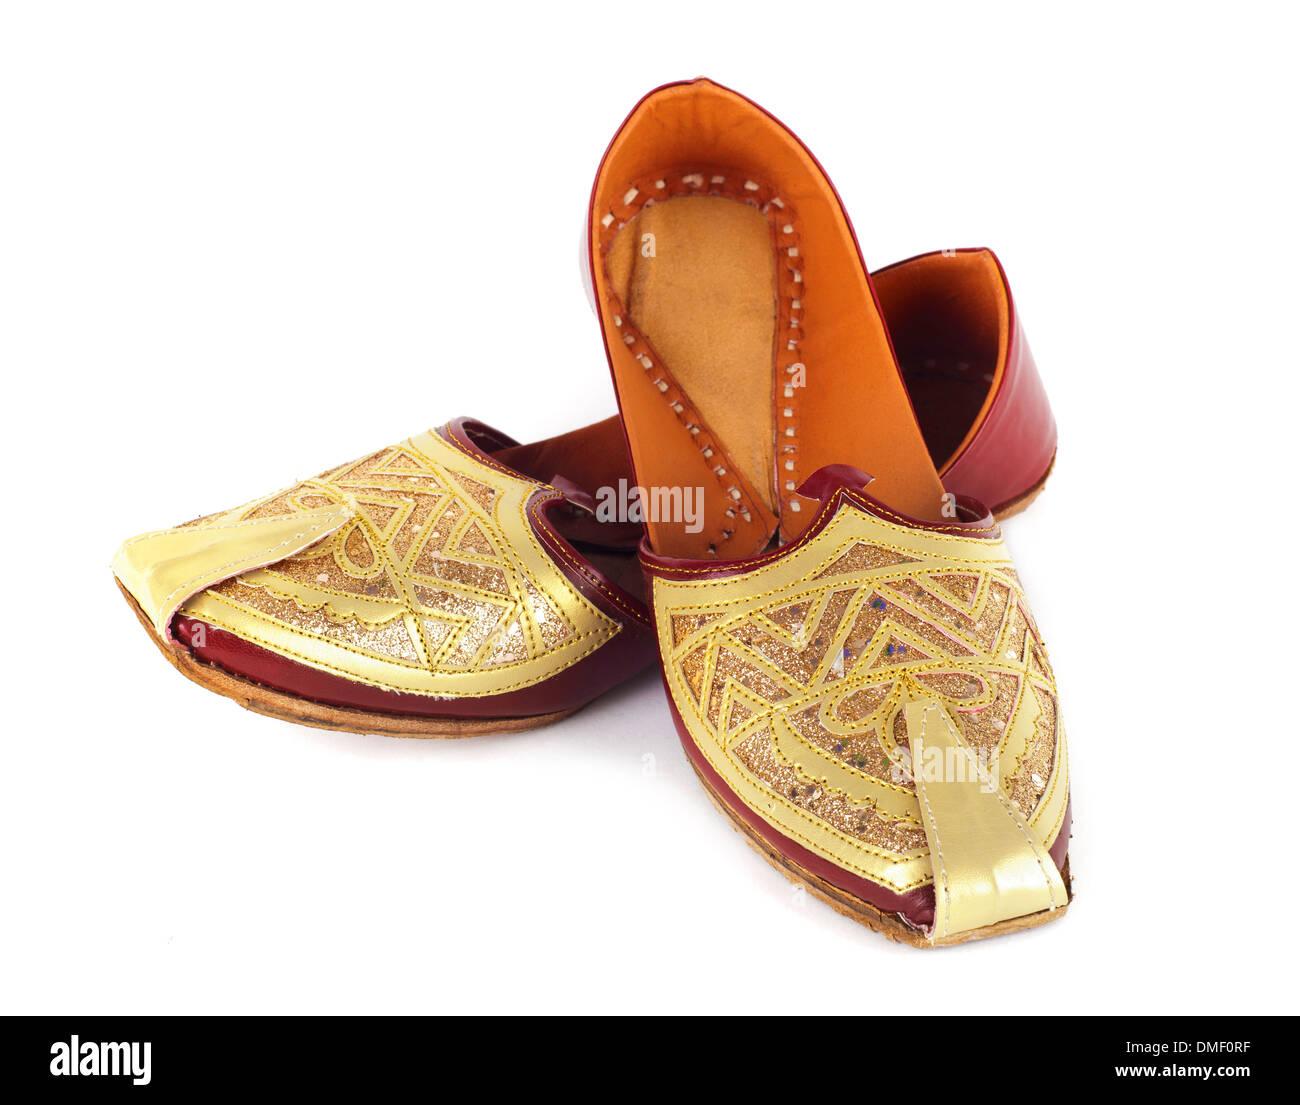 11bb9d5dfd16 Traditionelle indische Schuhe auf weißem Hintergrund Stockbild